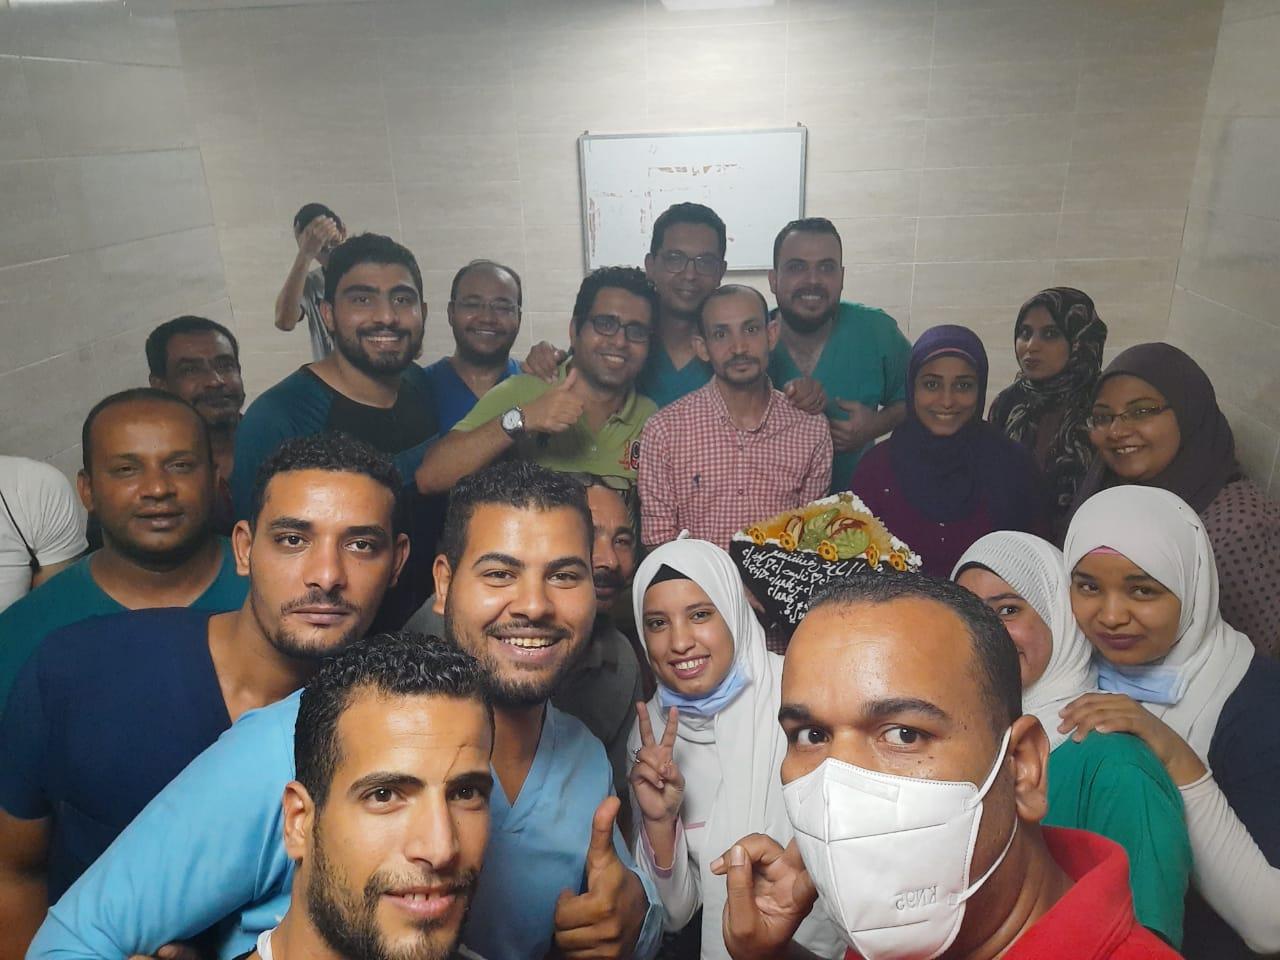 مستشفي الأقصر العام تحتفل بإنتهاء عمل الفريق الرابع للعزل الصحى  (3)